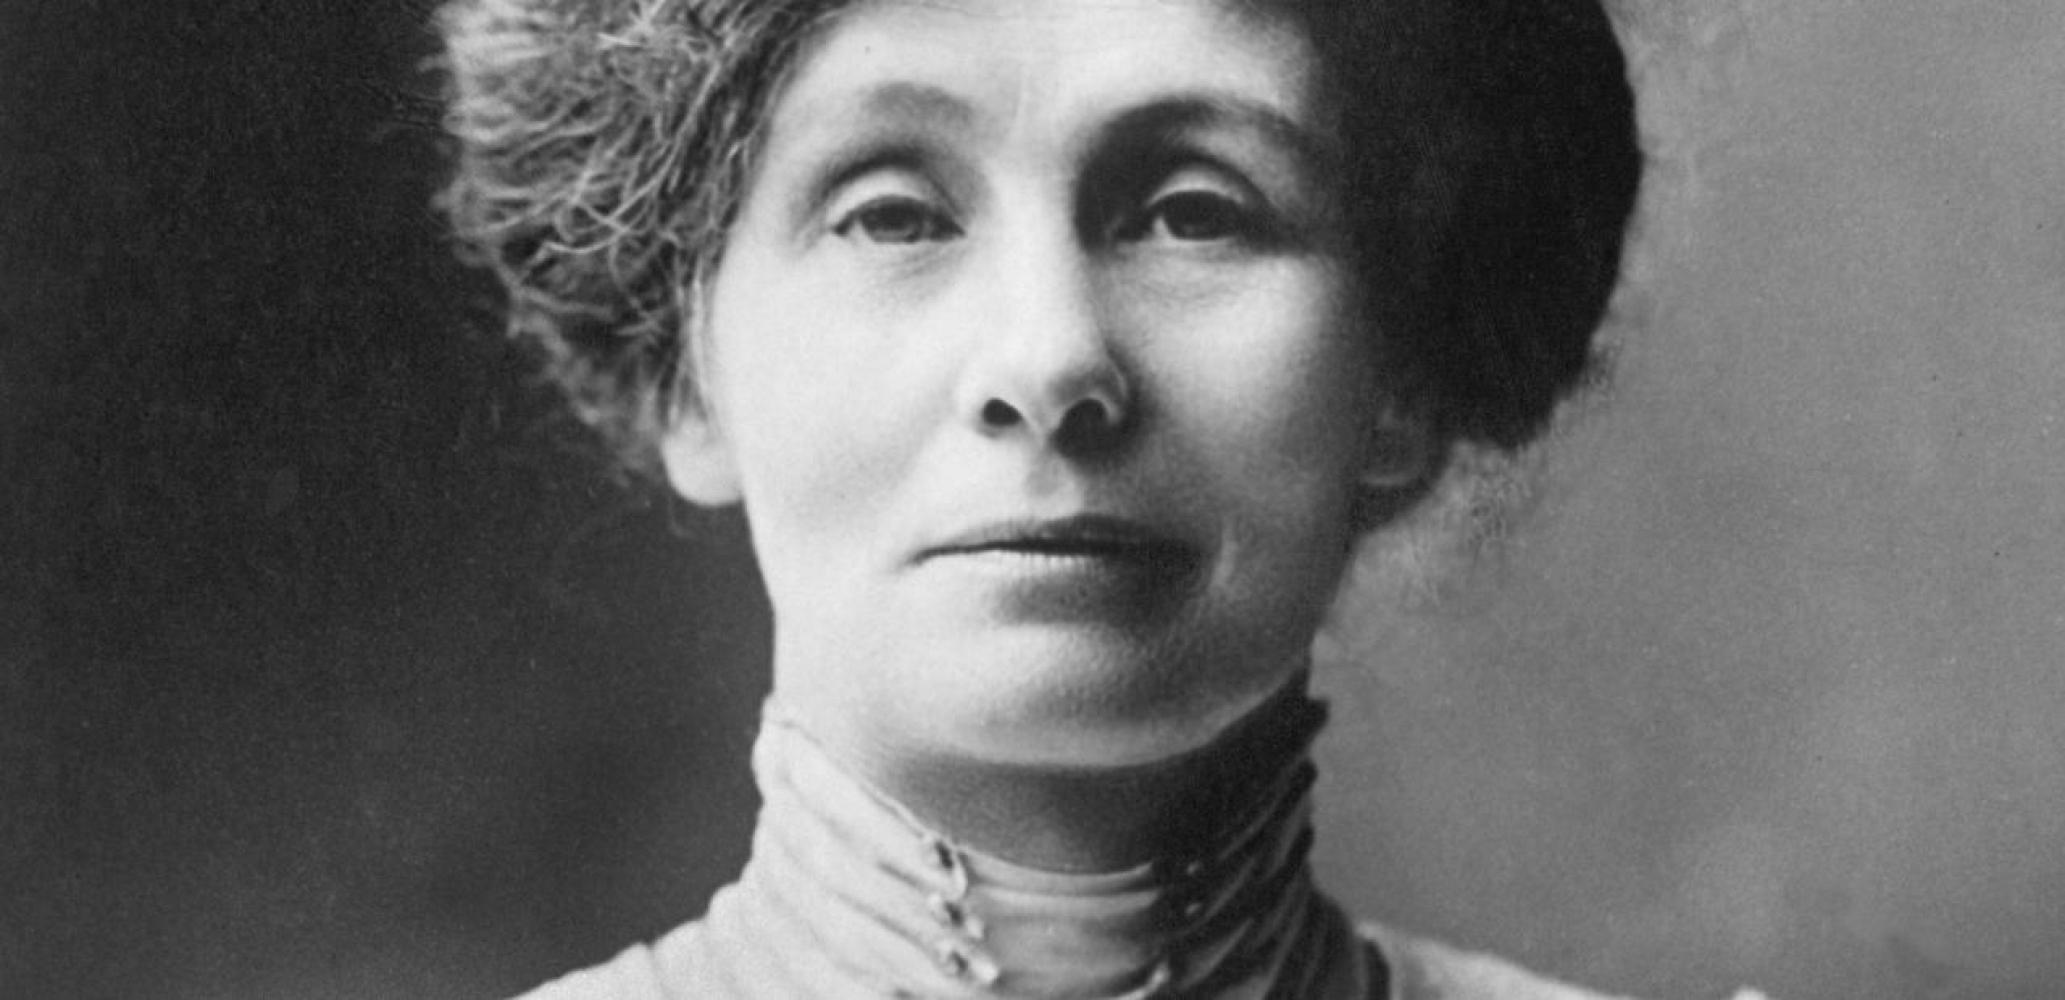 170330 Emmeline Pankhurst